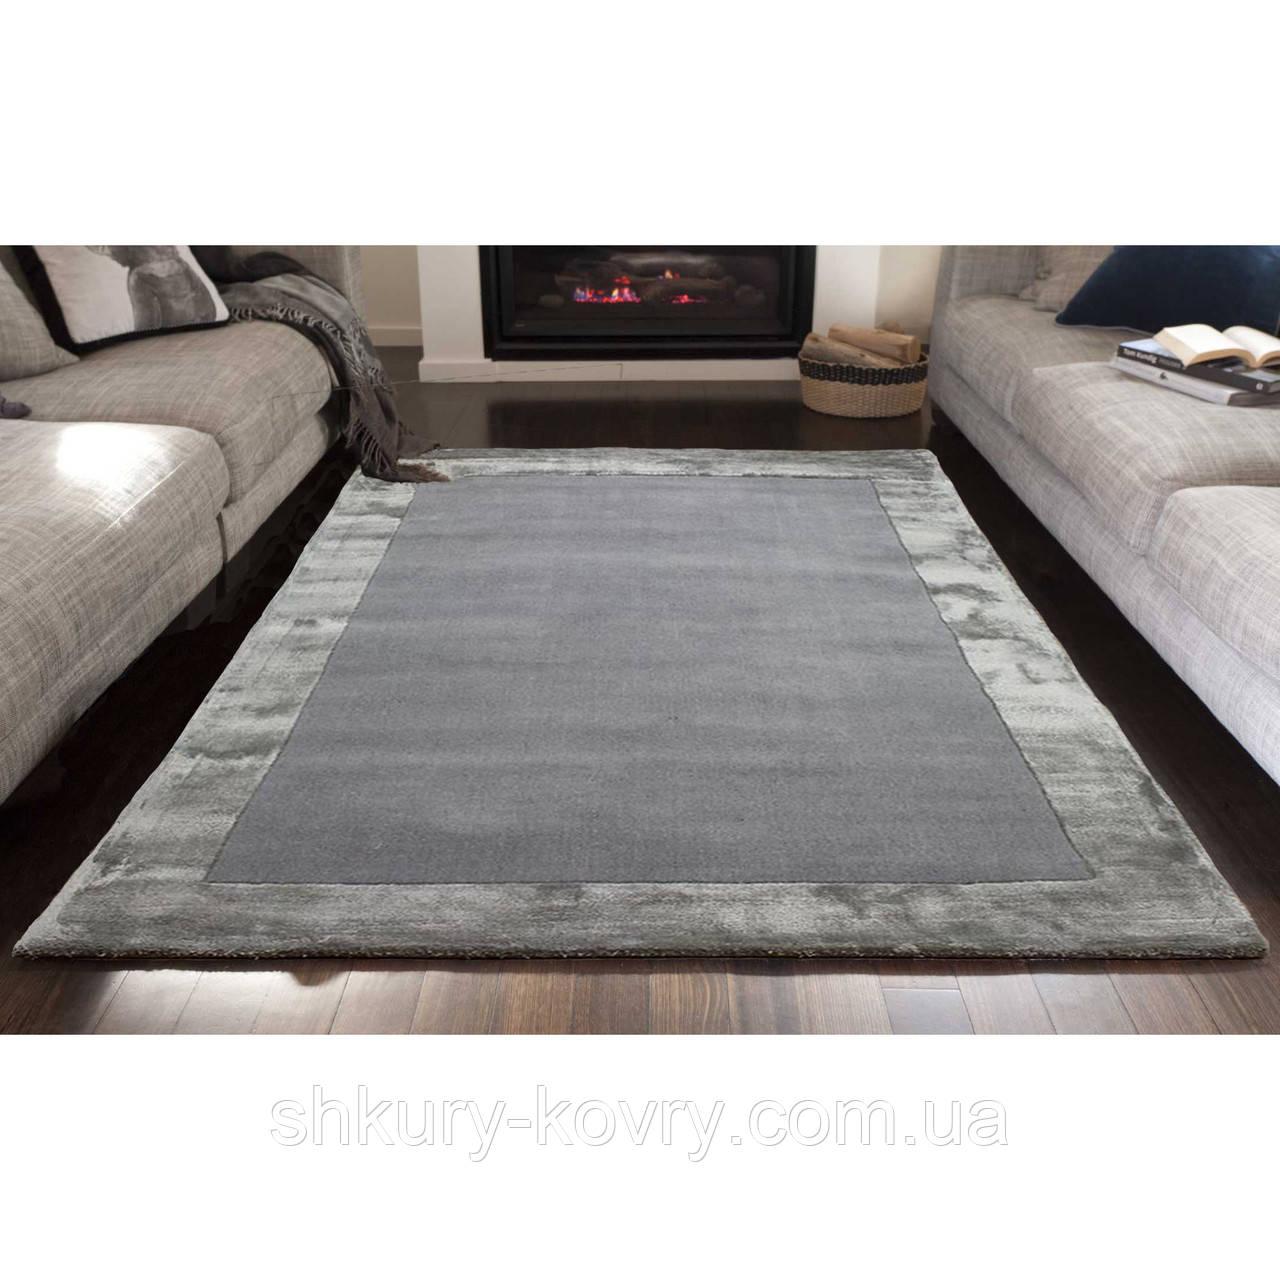 Комбинированые ковры из шерсти и вискозы серебряного цвета